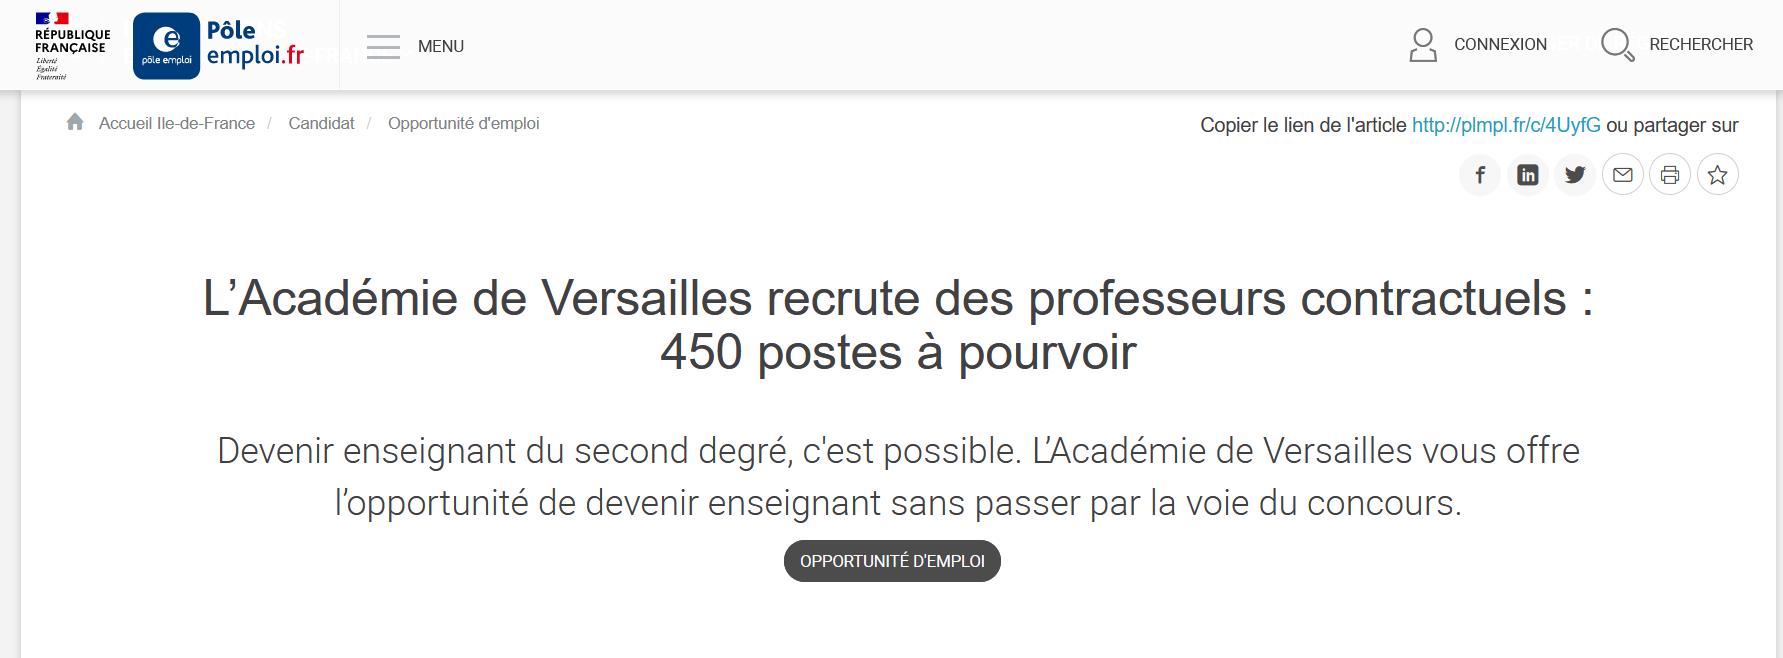 postes_académie_versailles_concours_contractuels